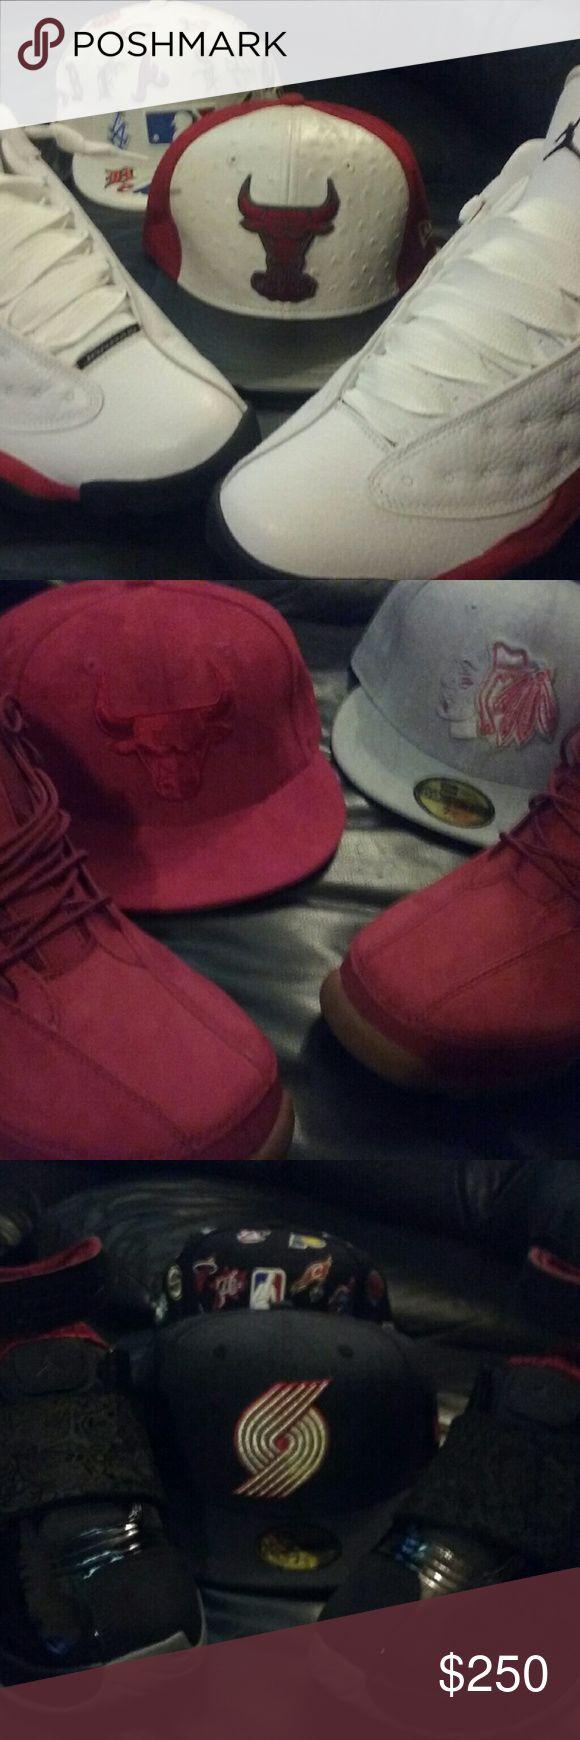 Retro Jordan brand new Sold Jordan Shoes Sneakers